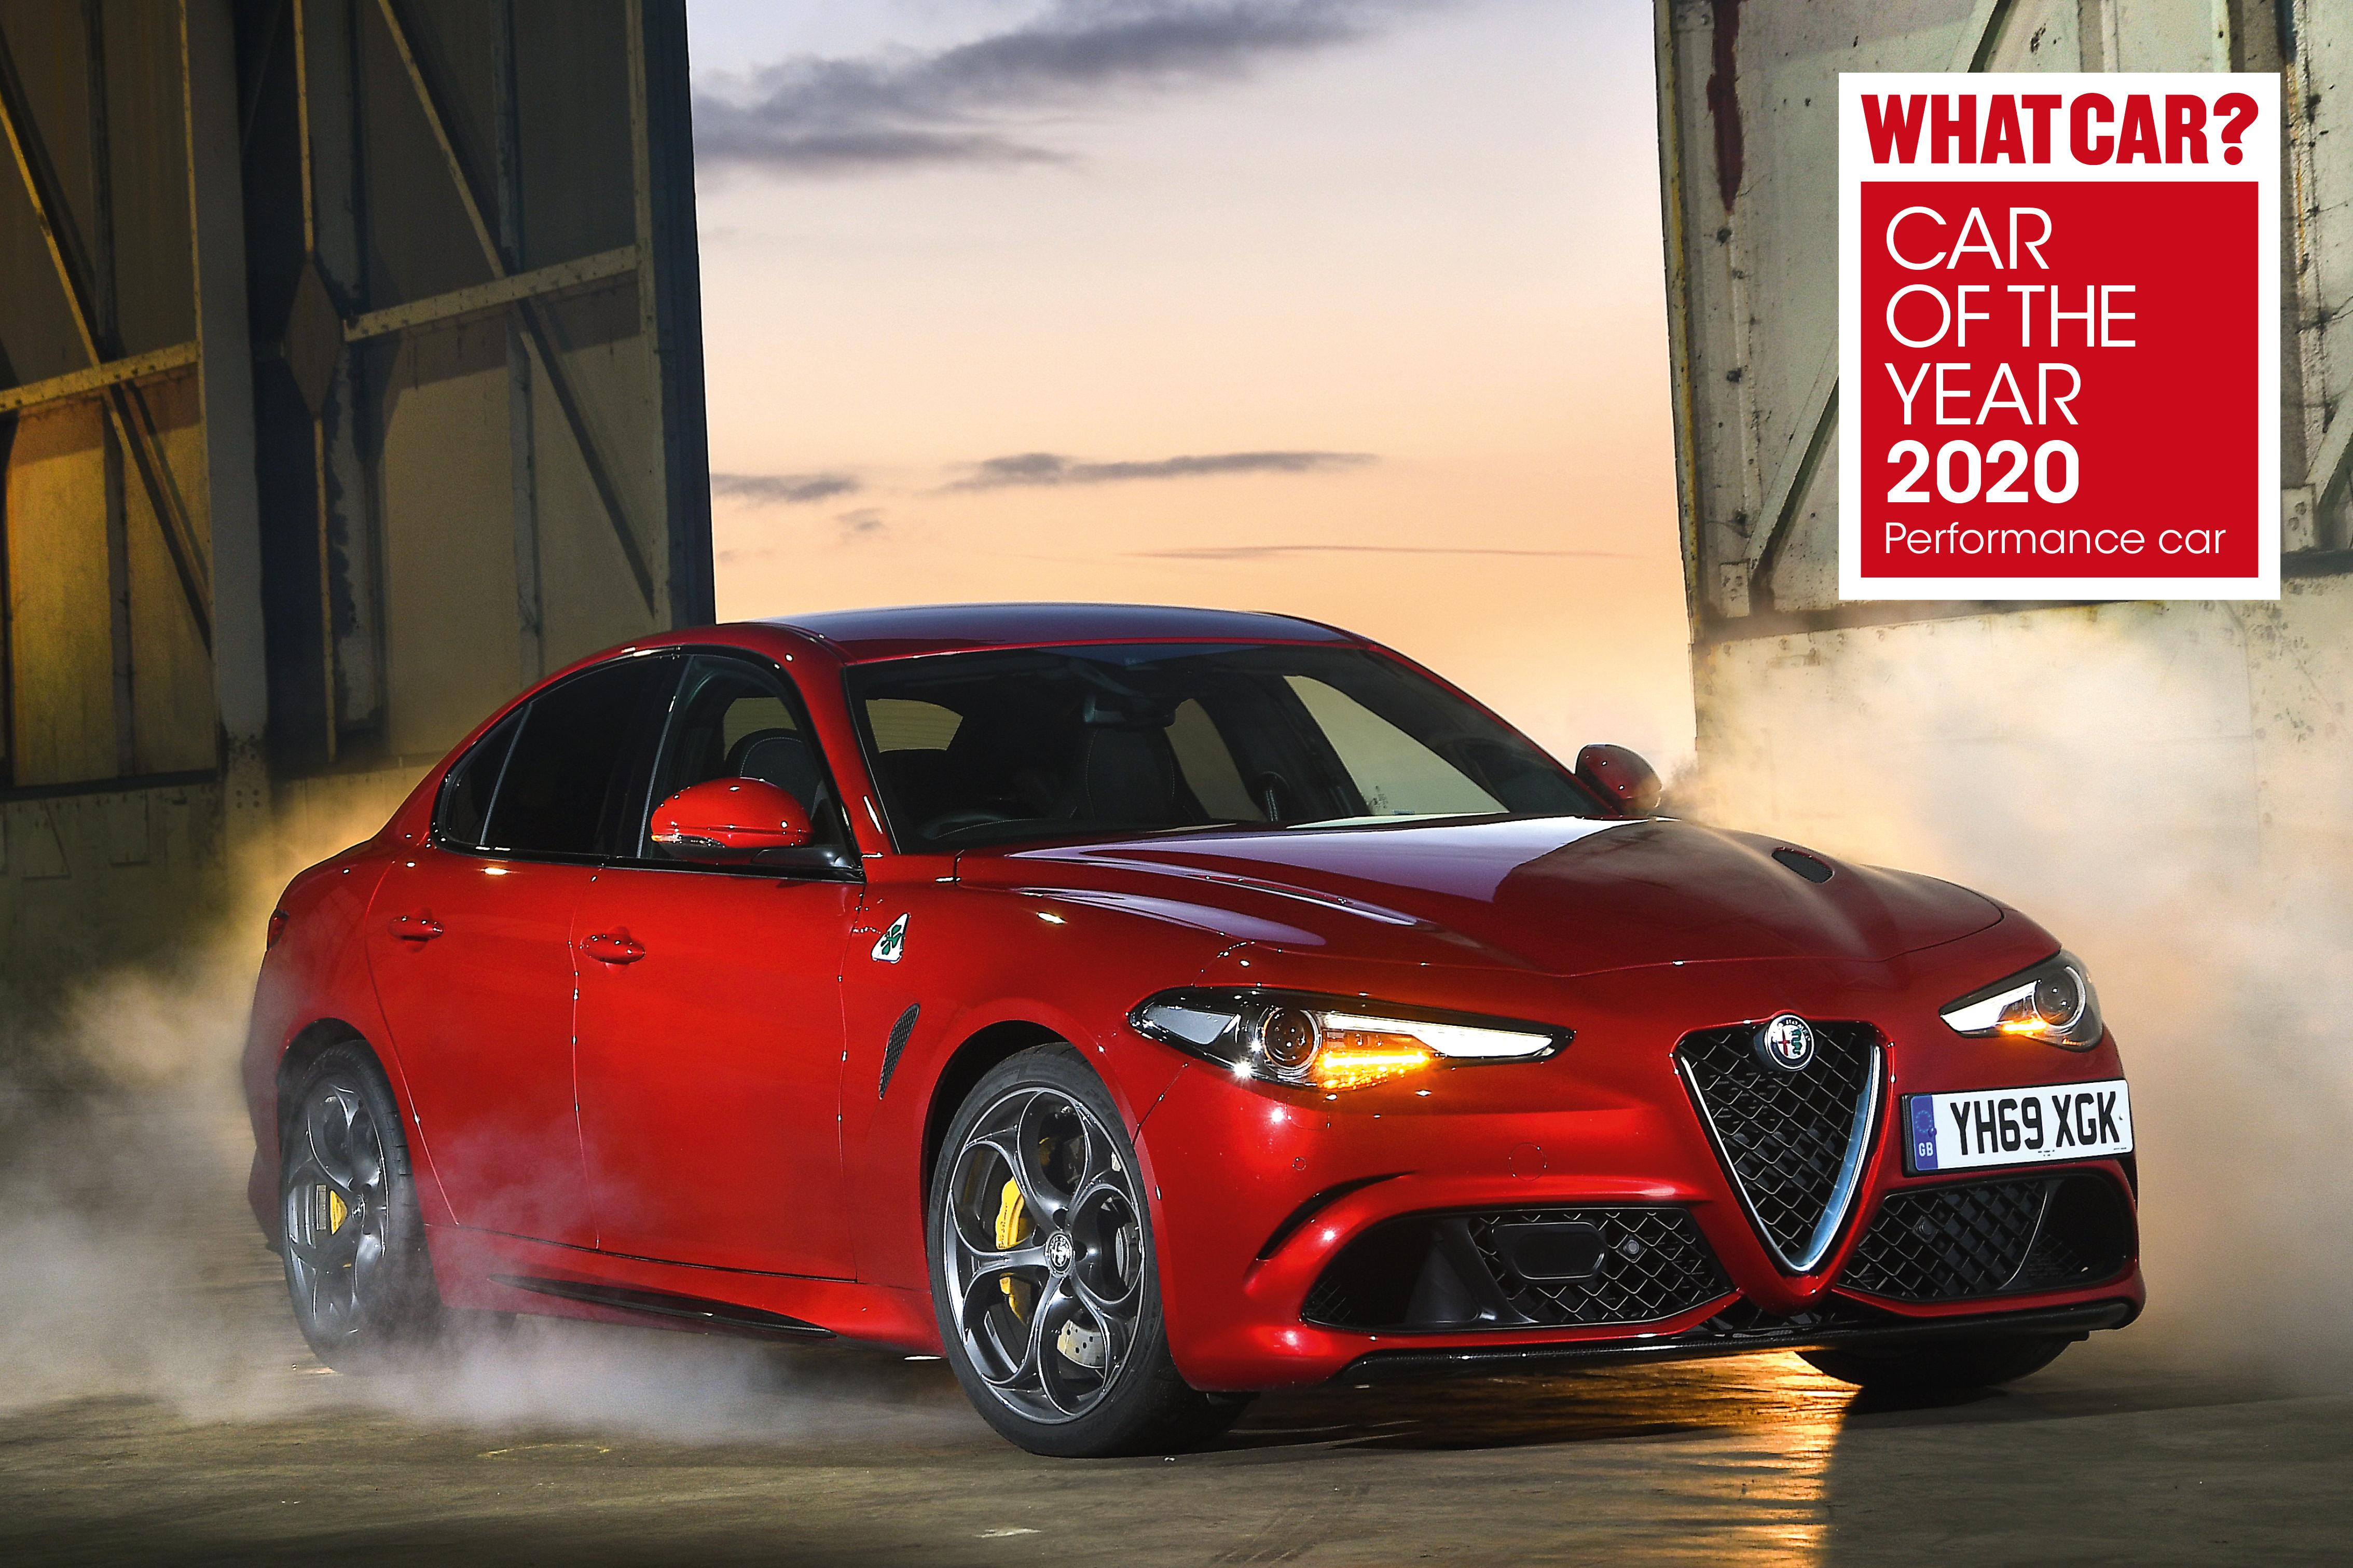 Alfa Romeo Giulia Quadrifoglio Car of the Year 2020